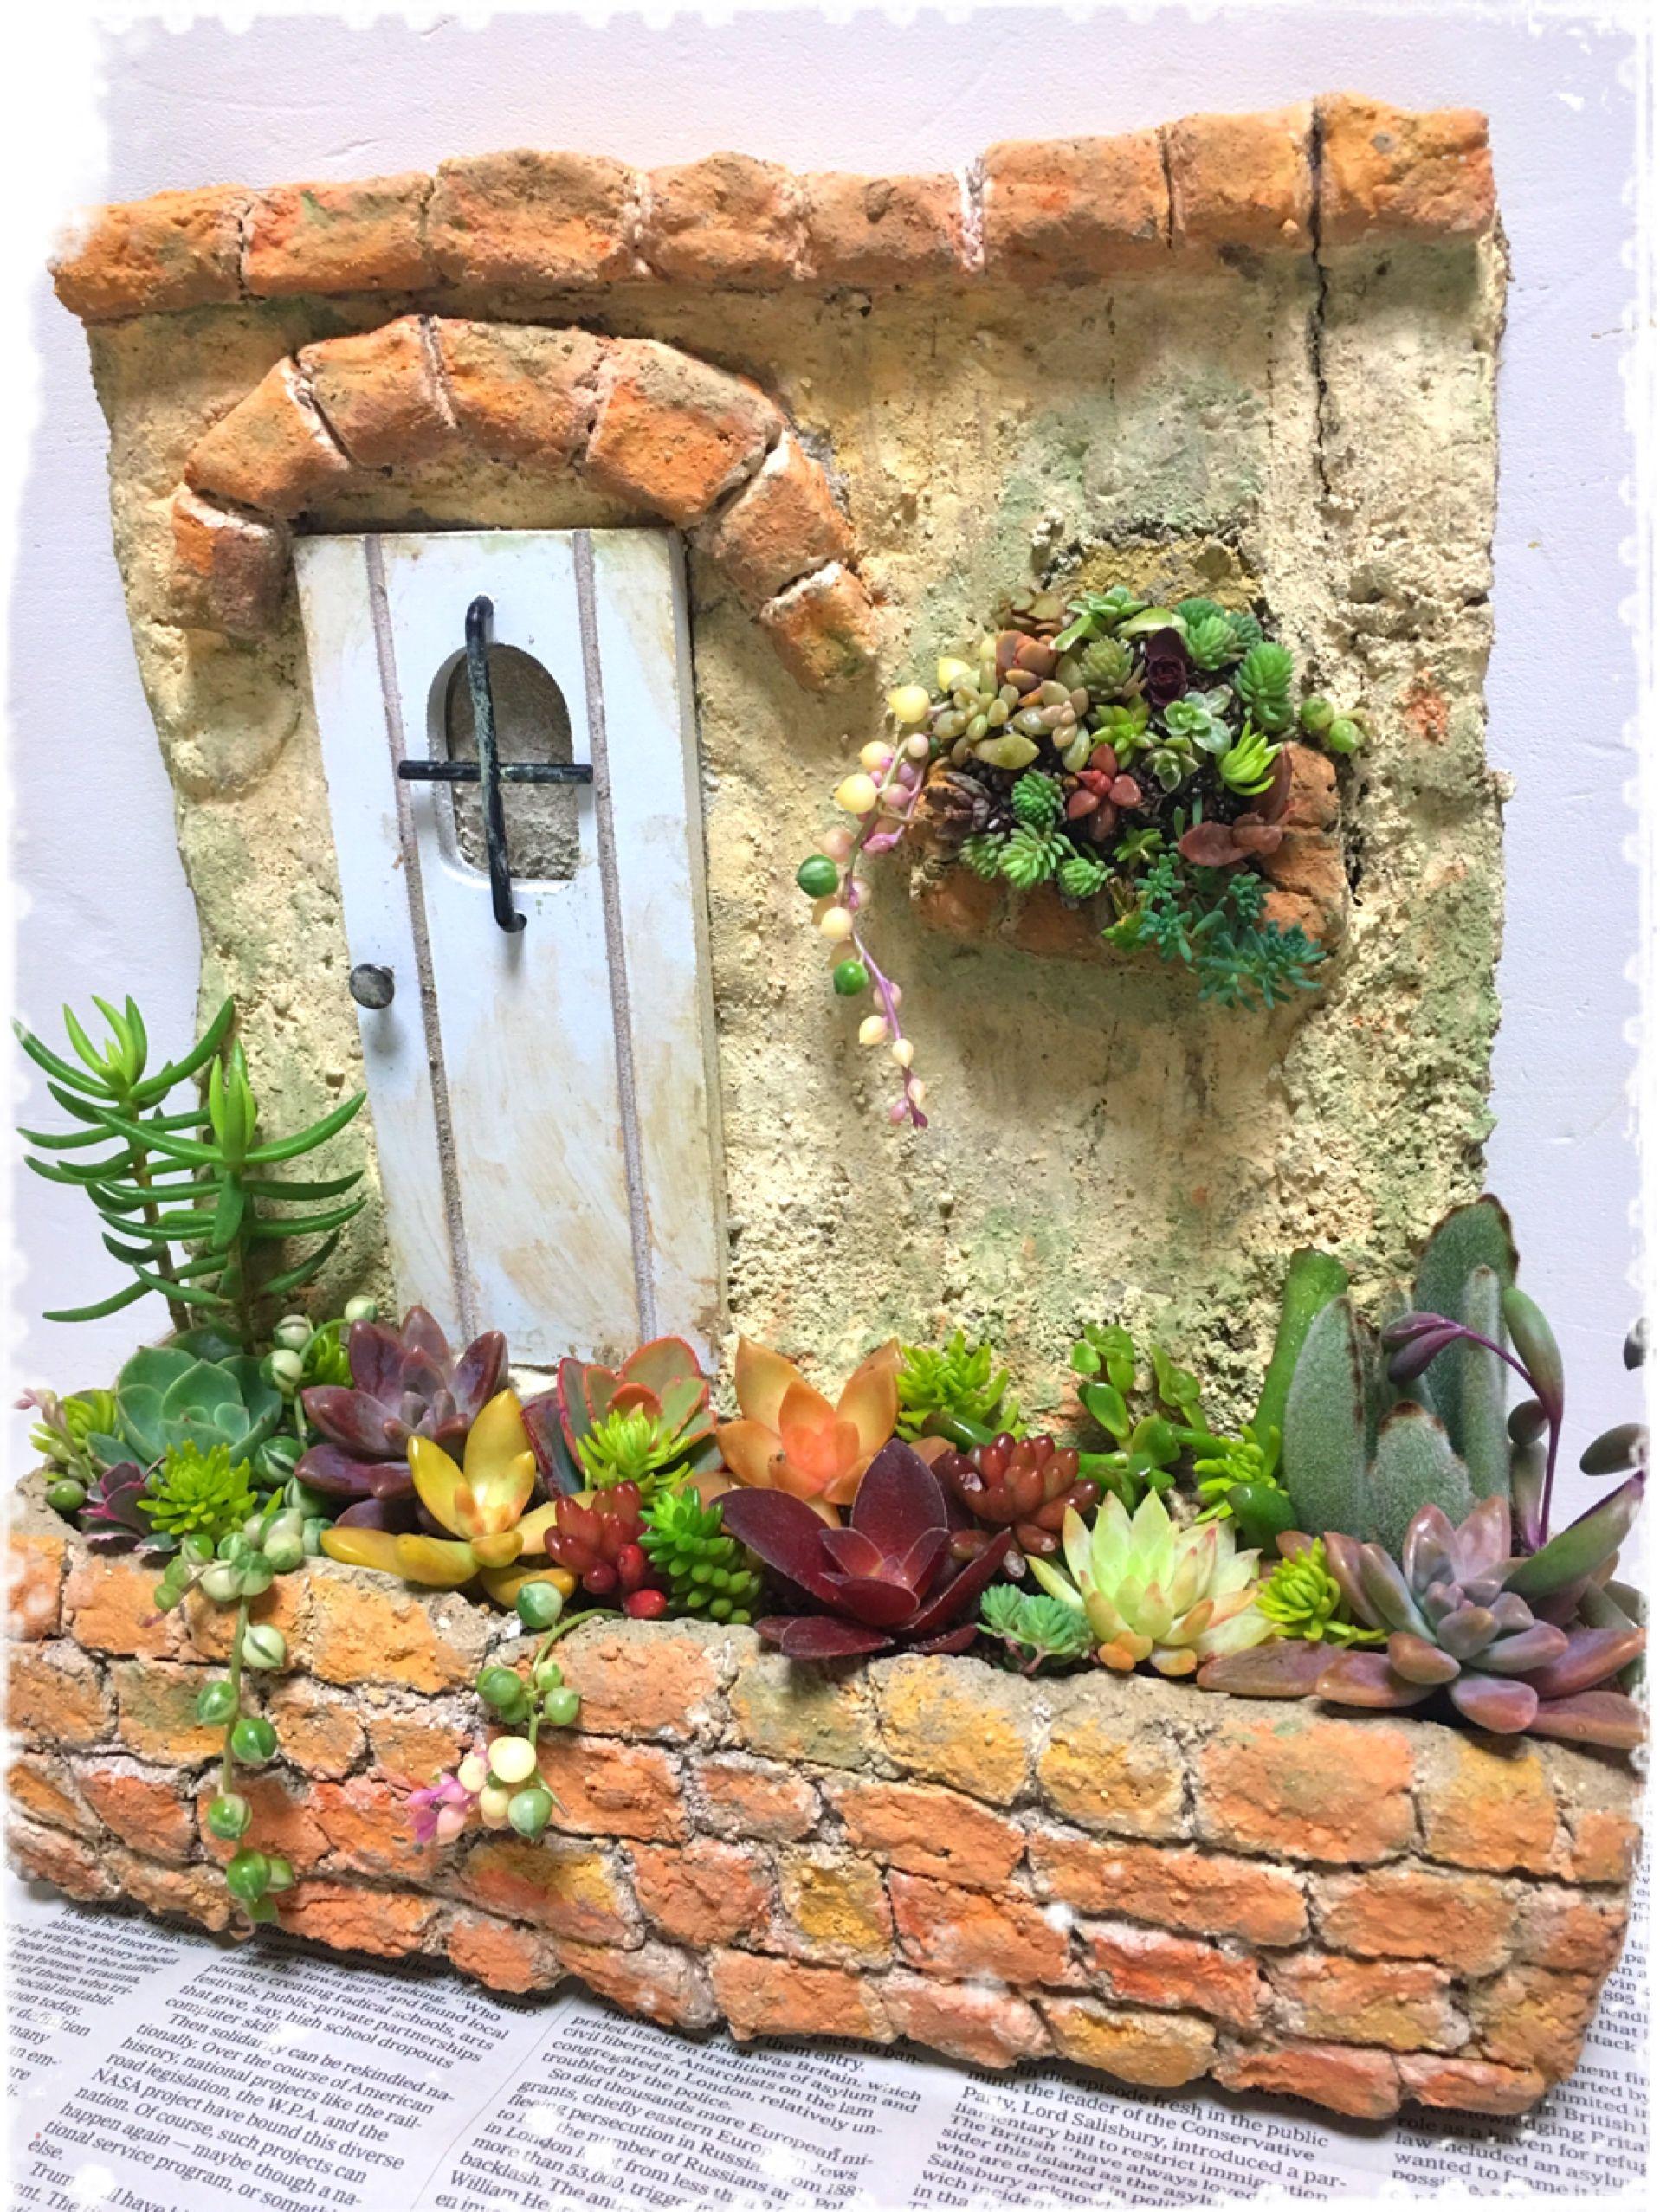 つちだまで作った壁型多肉鉢 ガーデンアート ガーデン